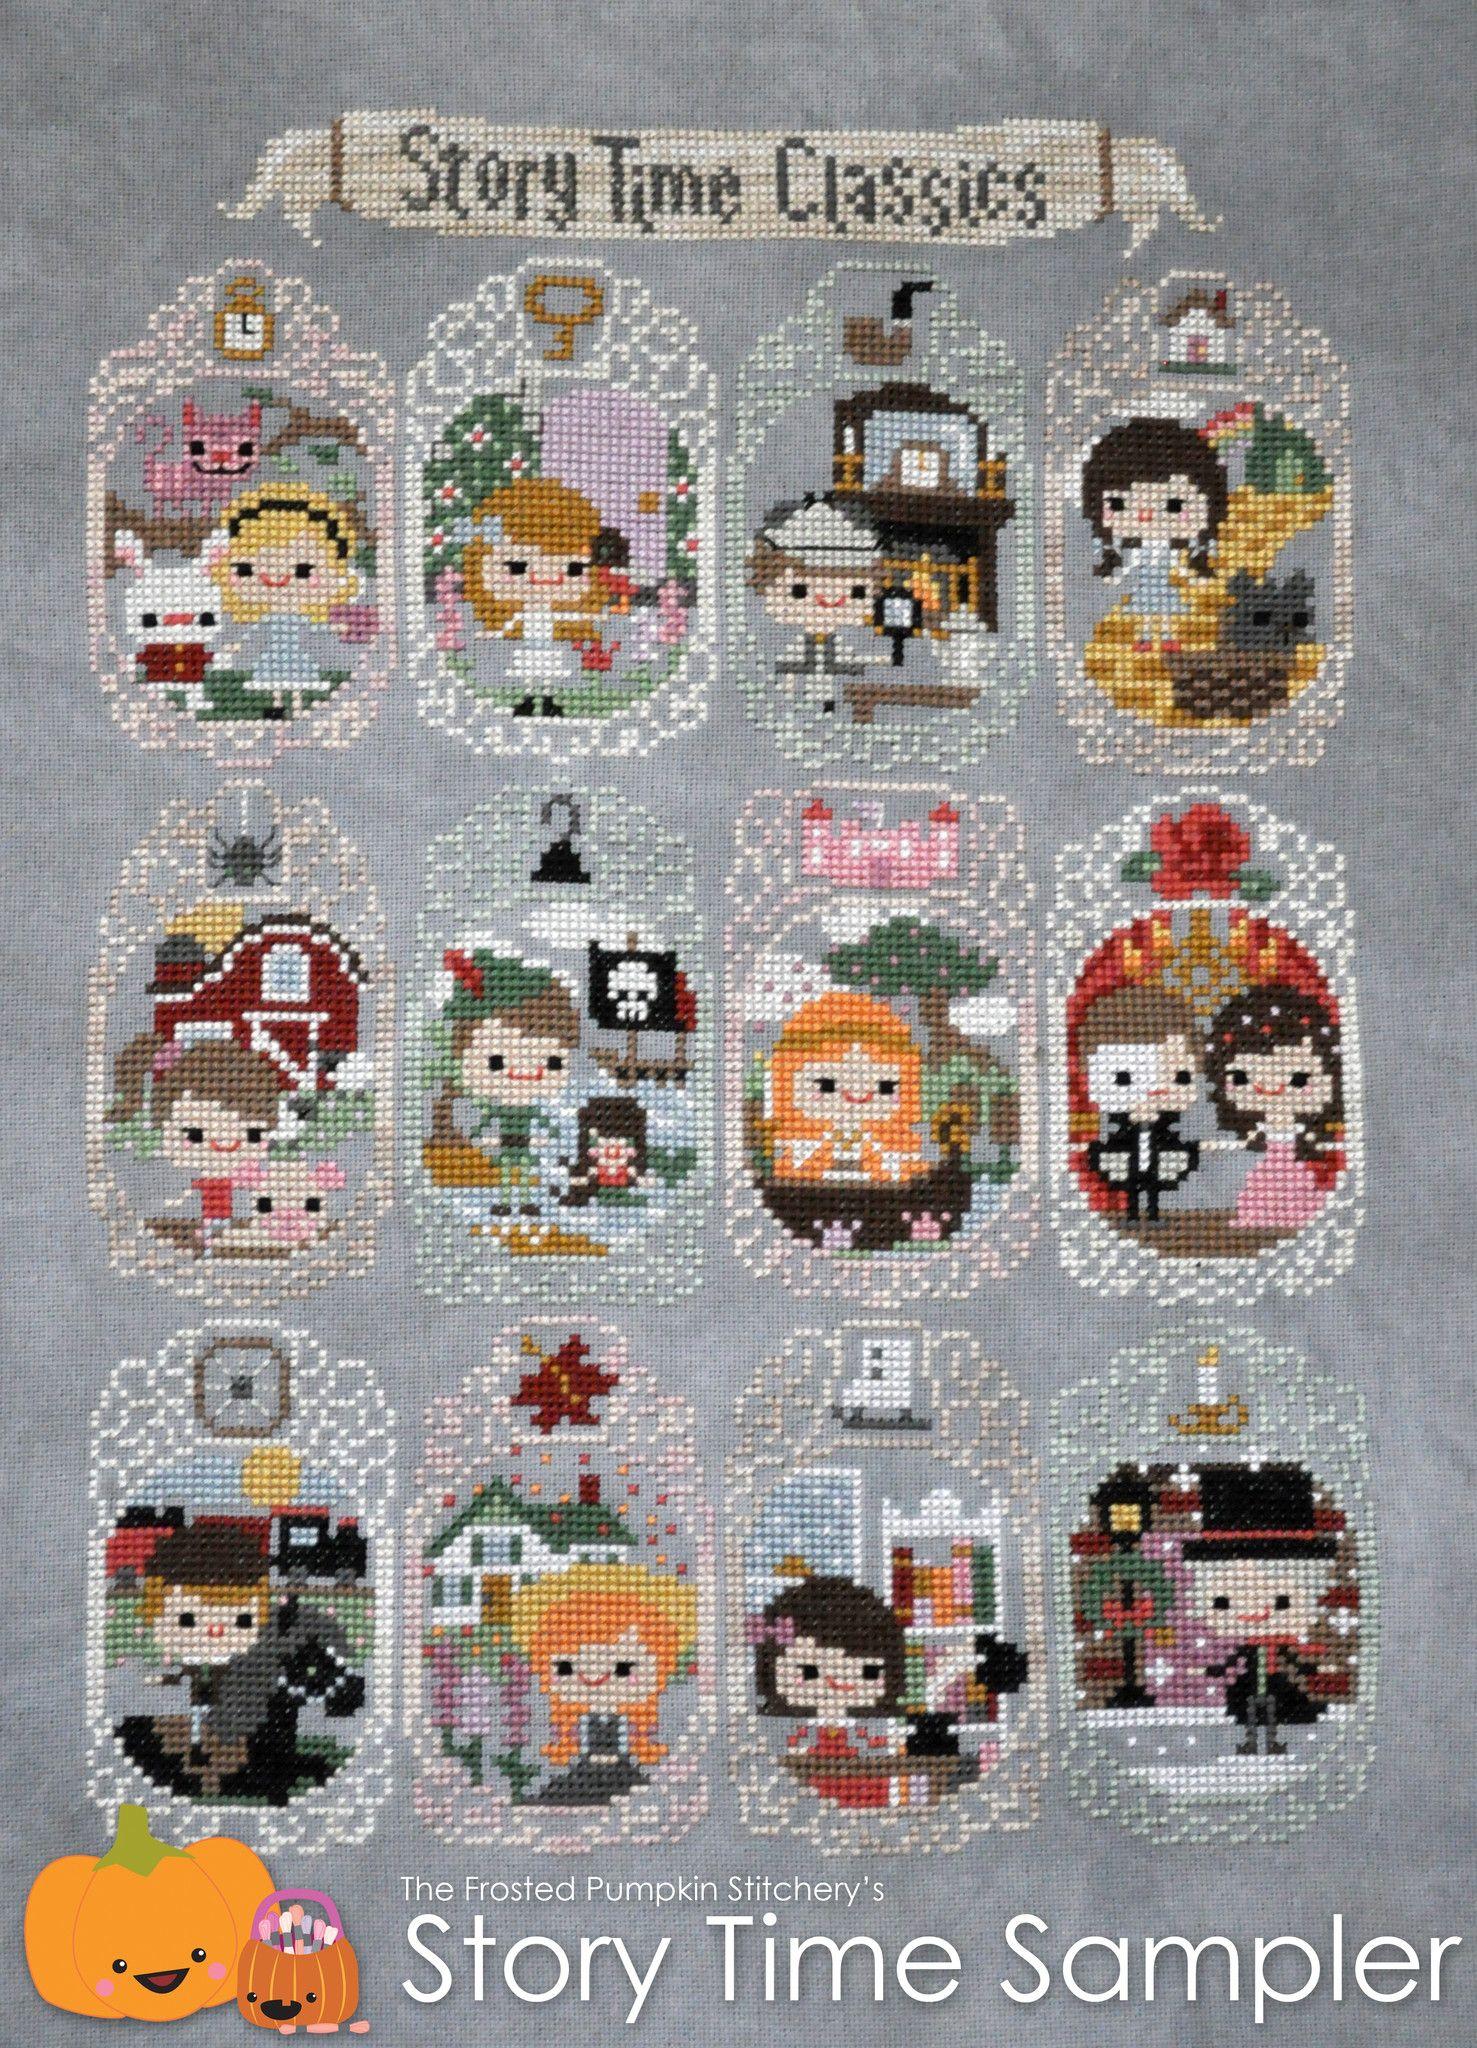 cdn.shopify.com s files 1 0525 6669 products Story_Time_-_Jan_-_Dec.jpg?v=1451876811